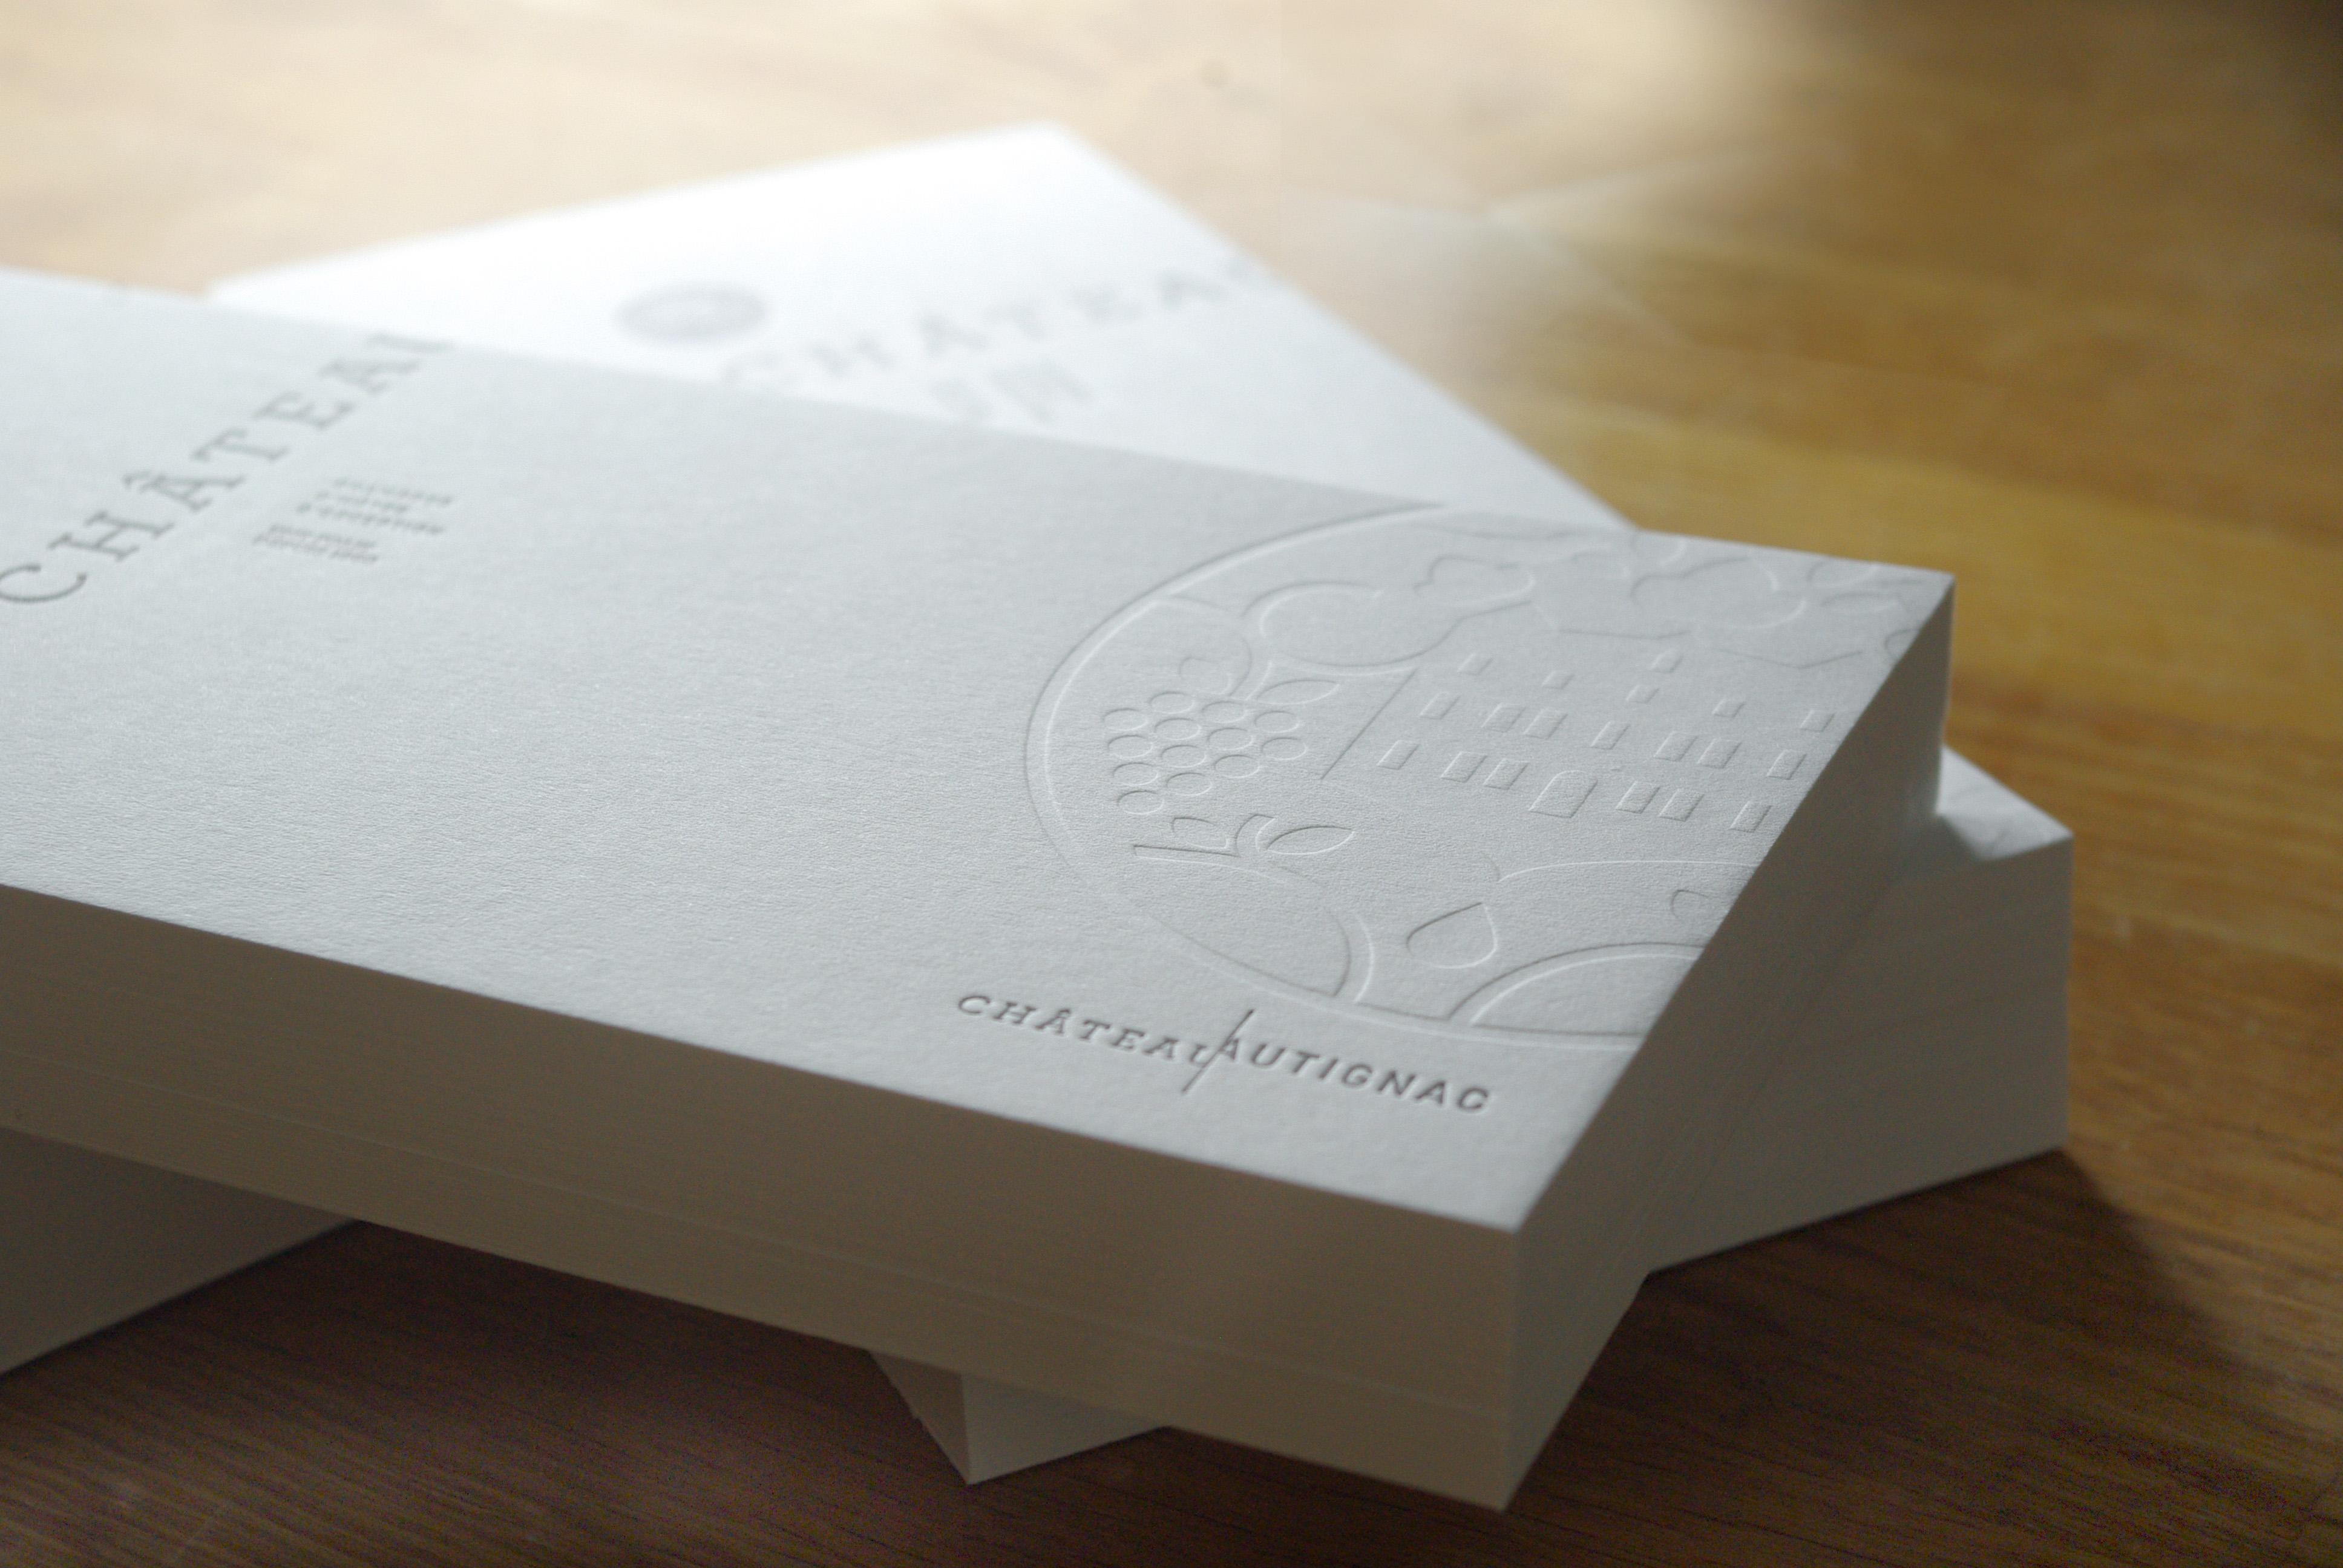 carte-de-correspondance-papeterie-letterpress-debossage-chateau-autignac-caracterres